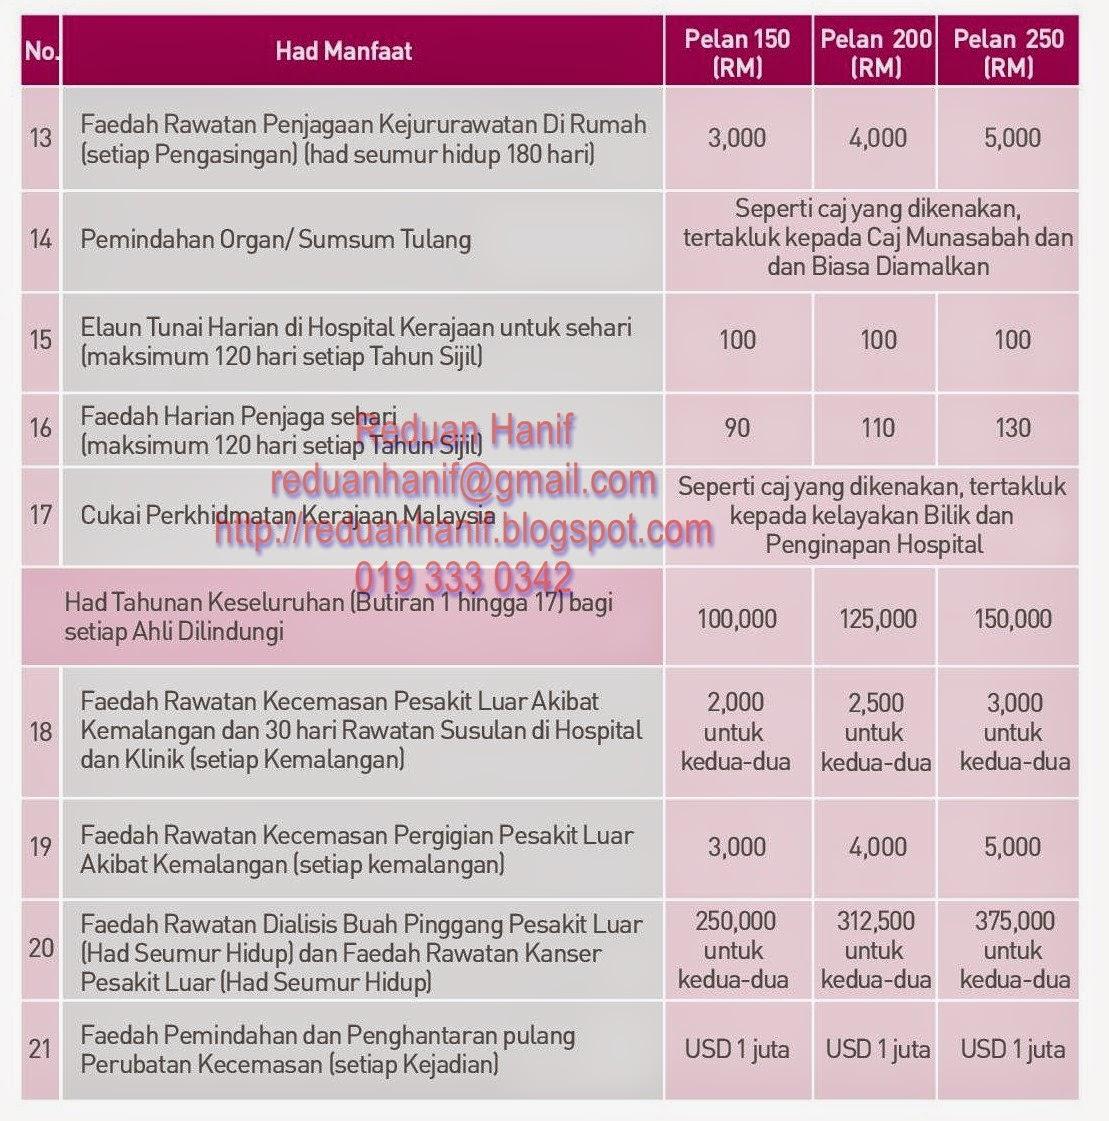 Pelan Medikal Kad 1 Keluarga Unlimited Tanpa Ko Takaful, Tanpa Ko Payment